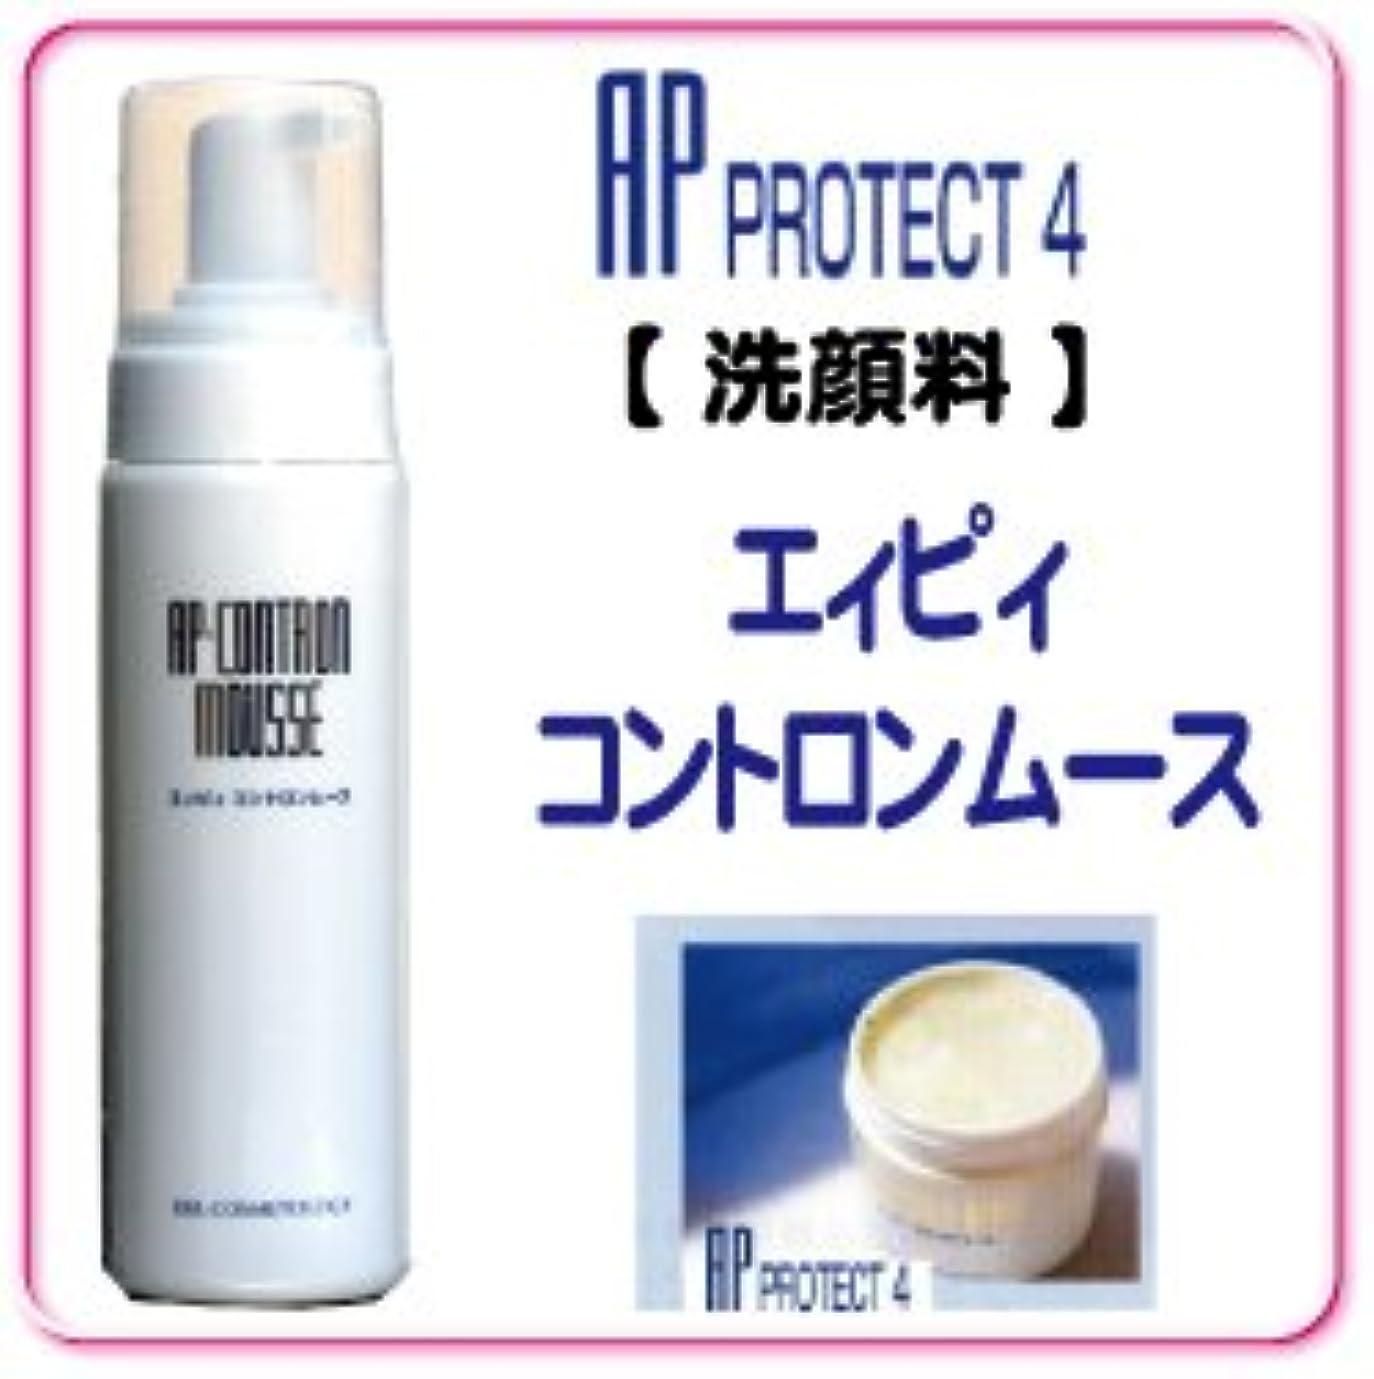 ベルマン化粧品 APprotectシリーズ  コントロンムース  洗顔フォーム 200ml